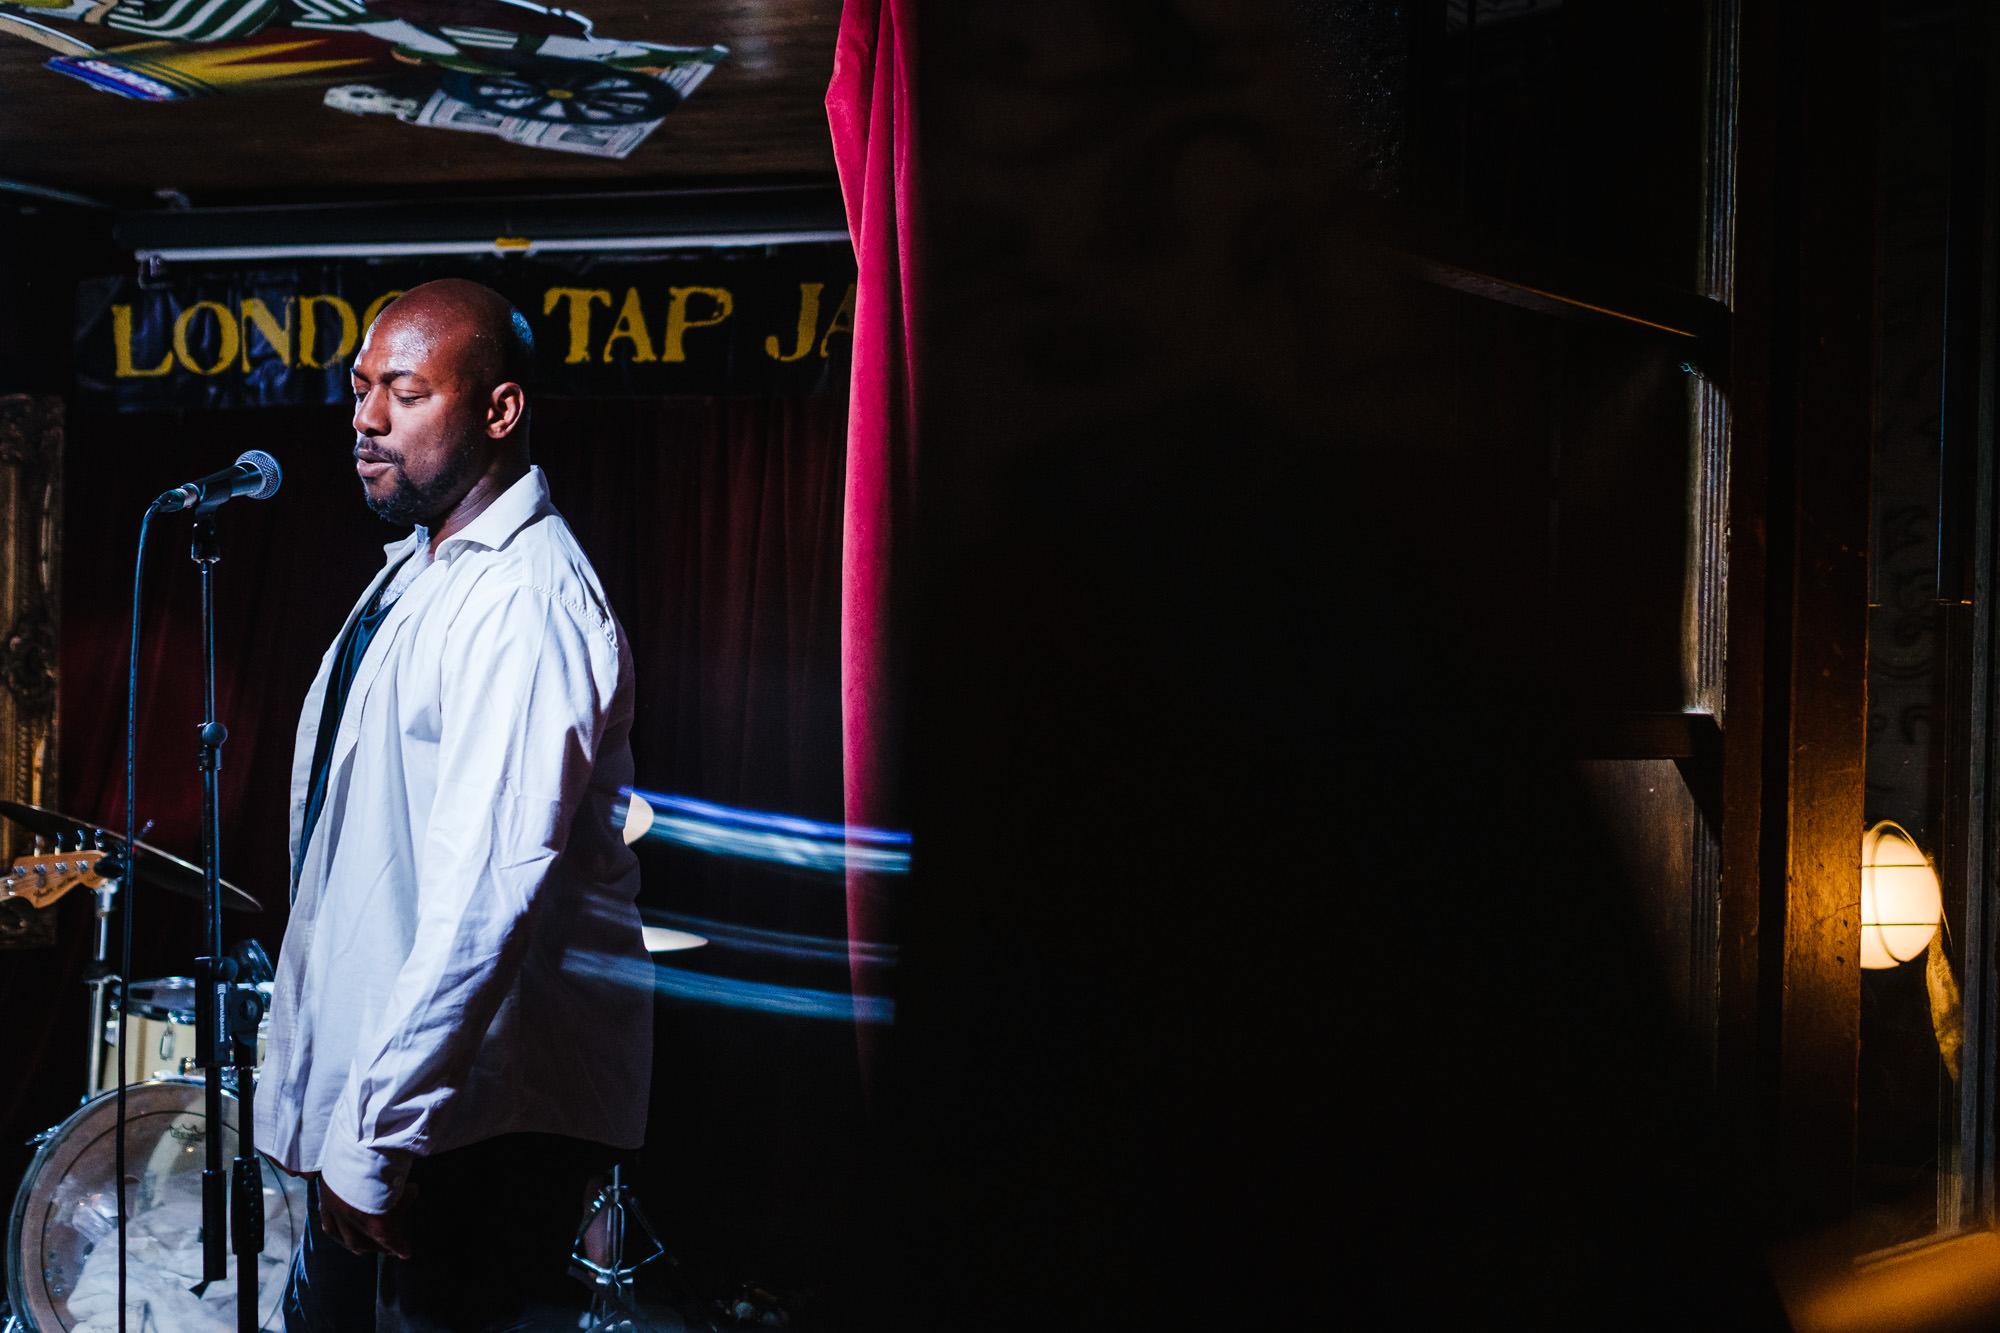 Lee Payne tap dancer